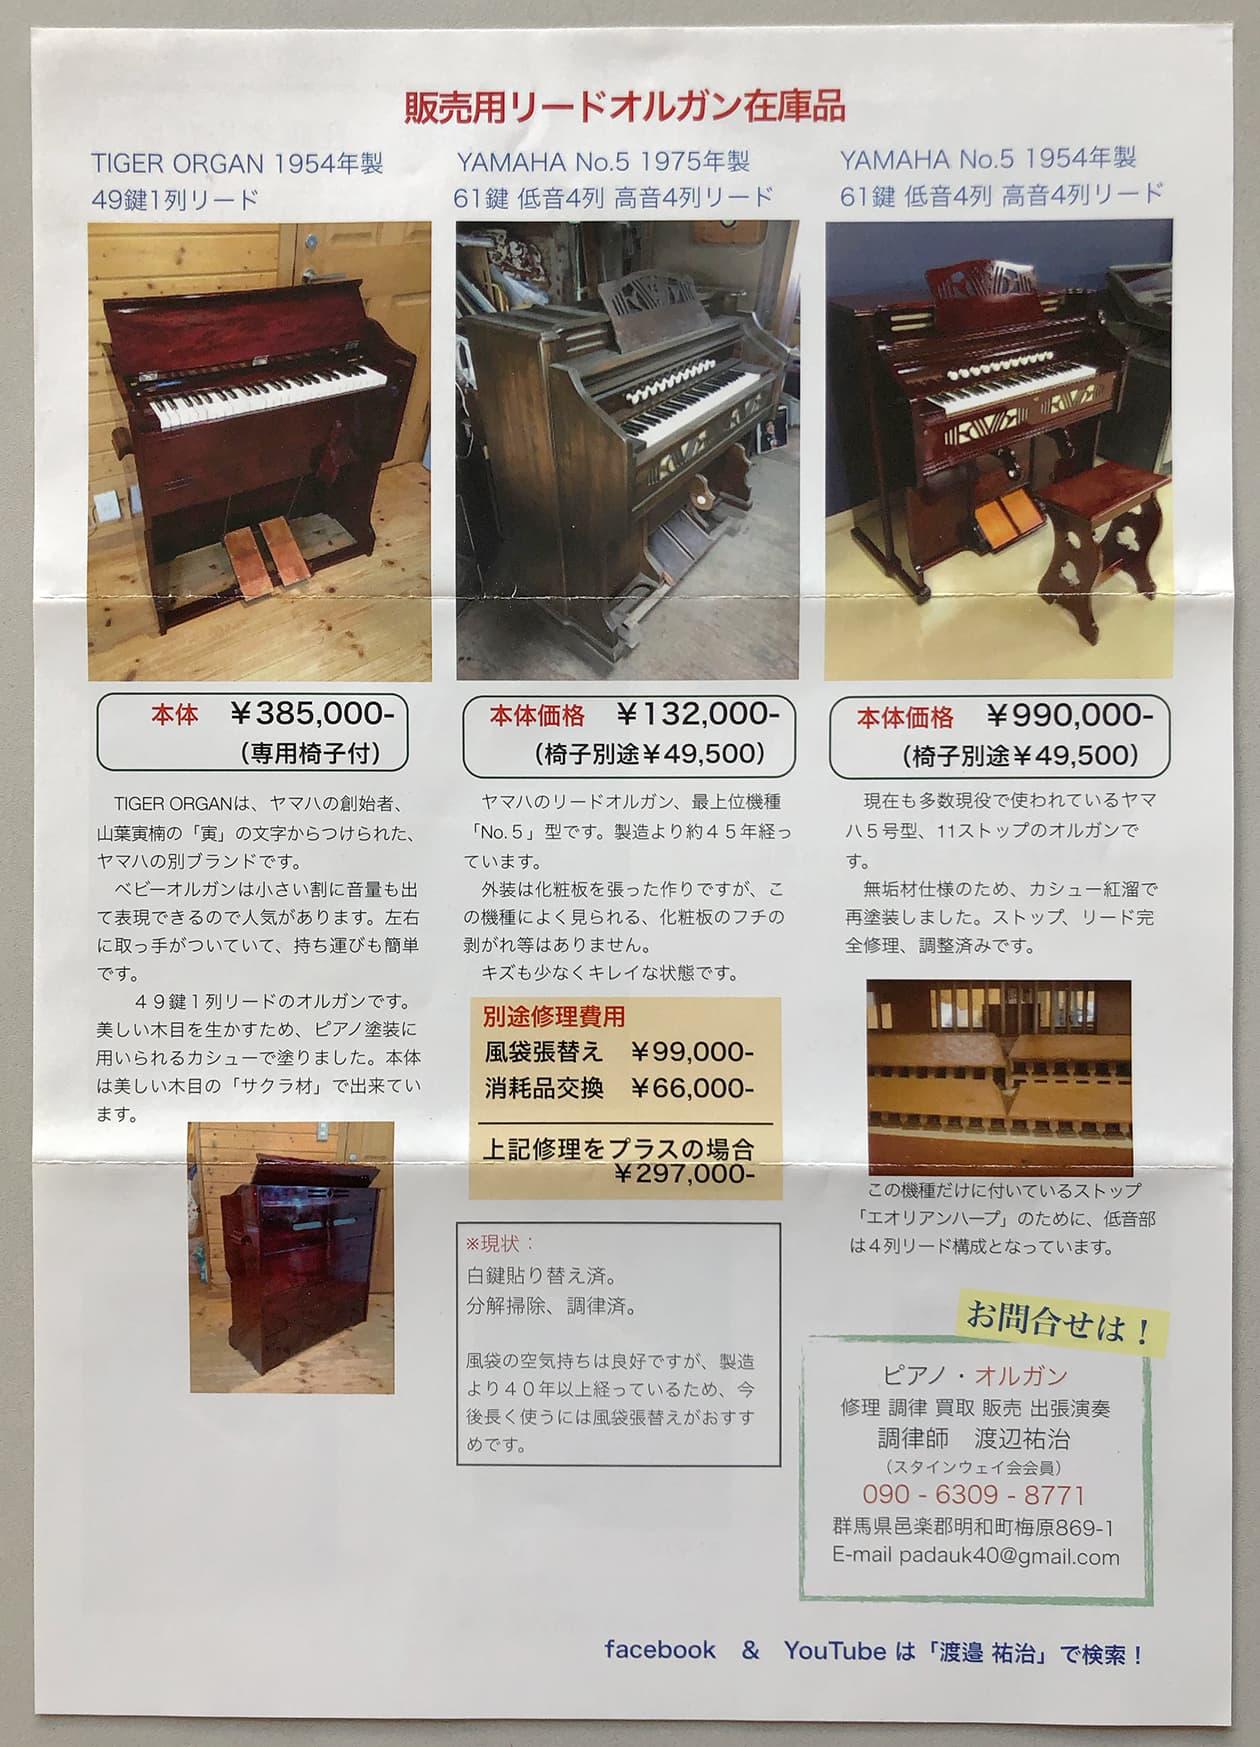 販売しているオルガンのパンフレットの写真